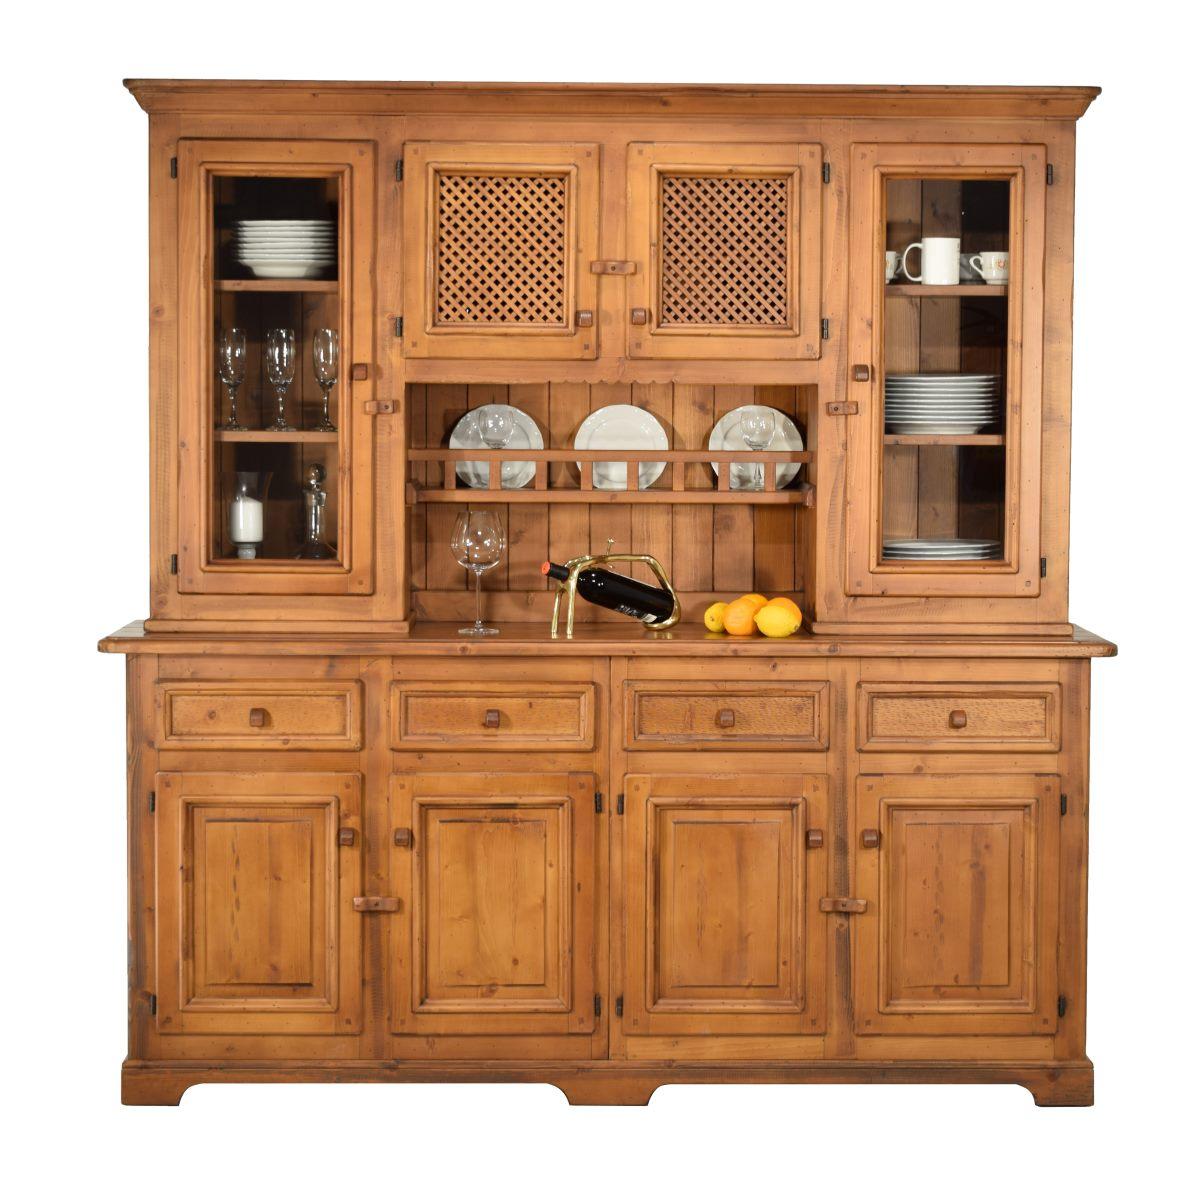 Aparador r stico de madera grande con altillo de puertas - Altillo de madera ...